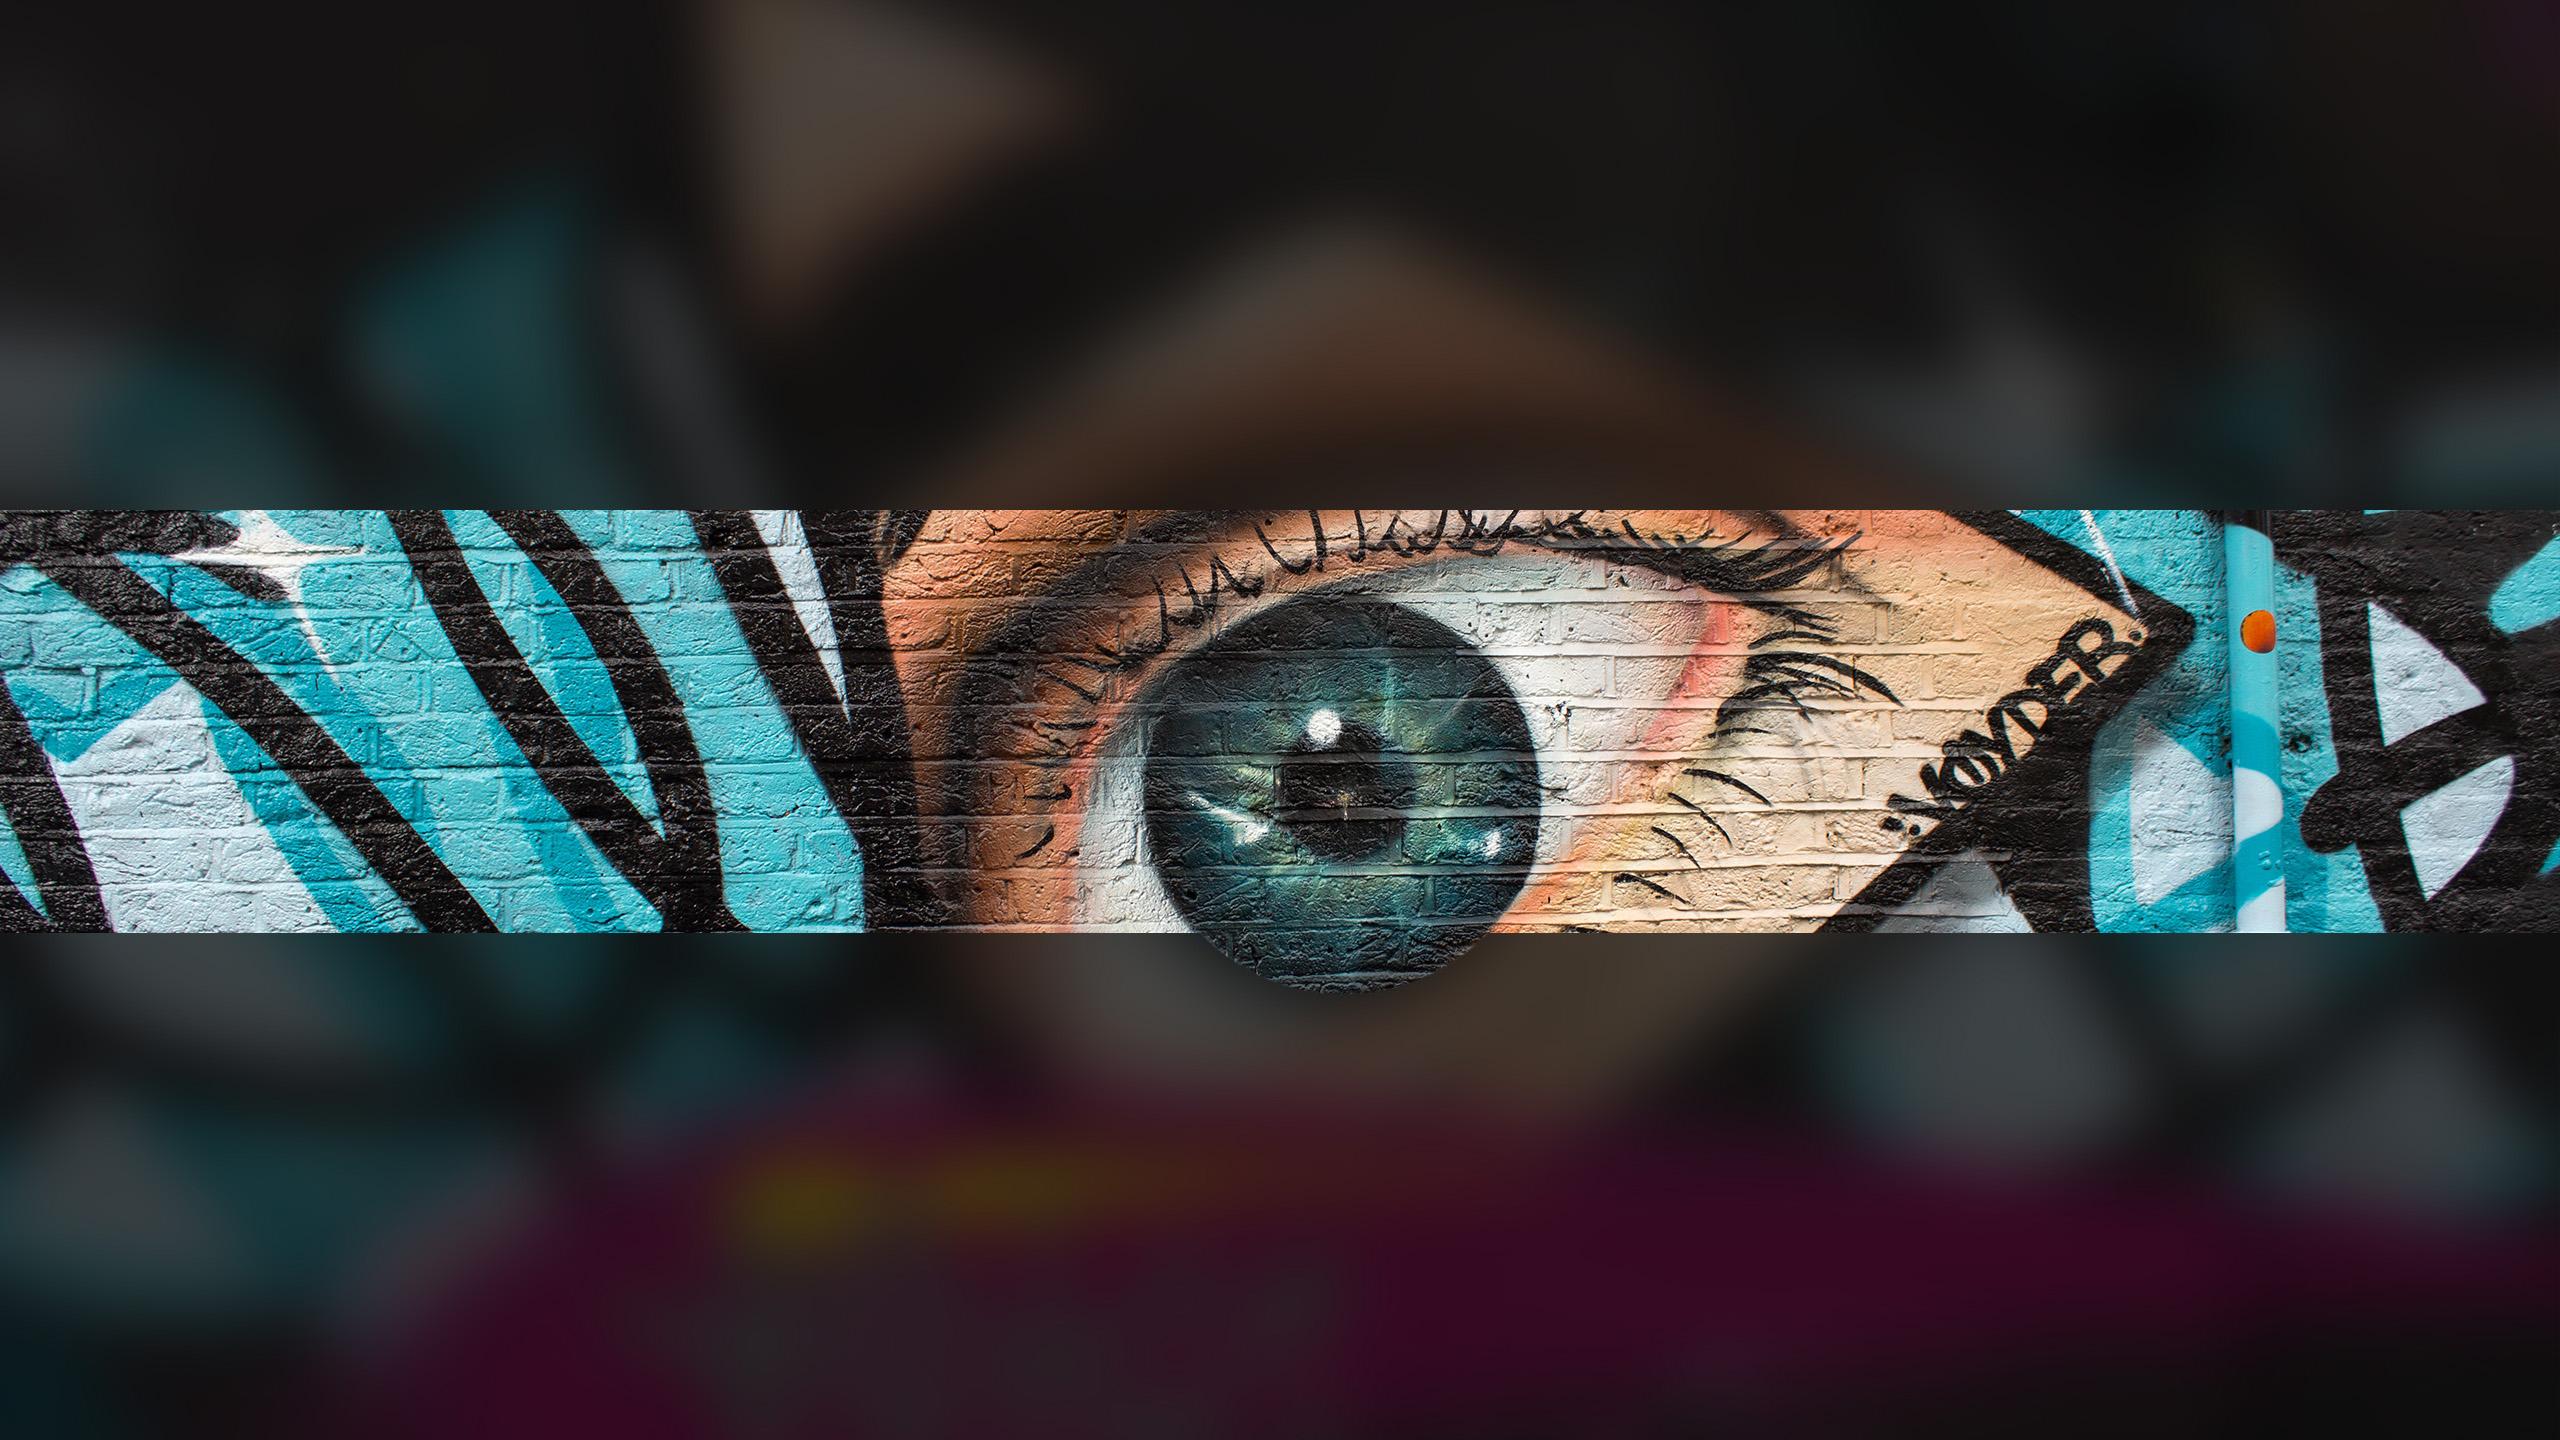 Картинка голубой глаз с бирюзой крупным планом, графический дизайн на пустую шапку для канала youtube